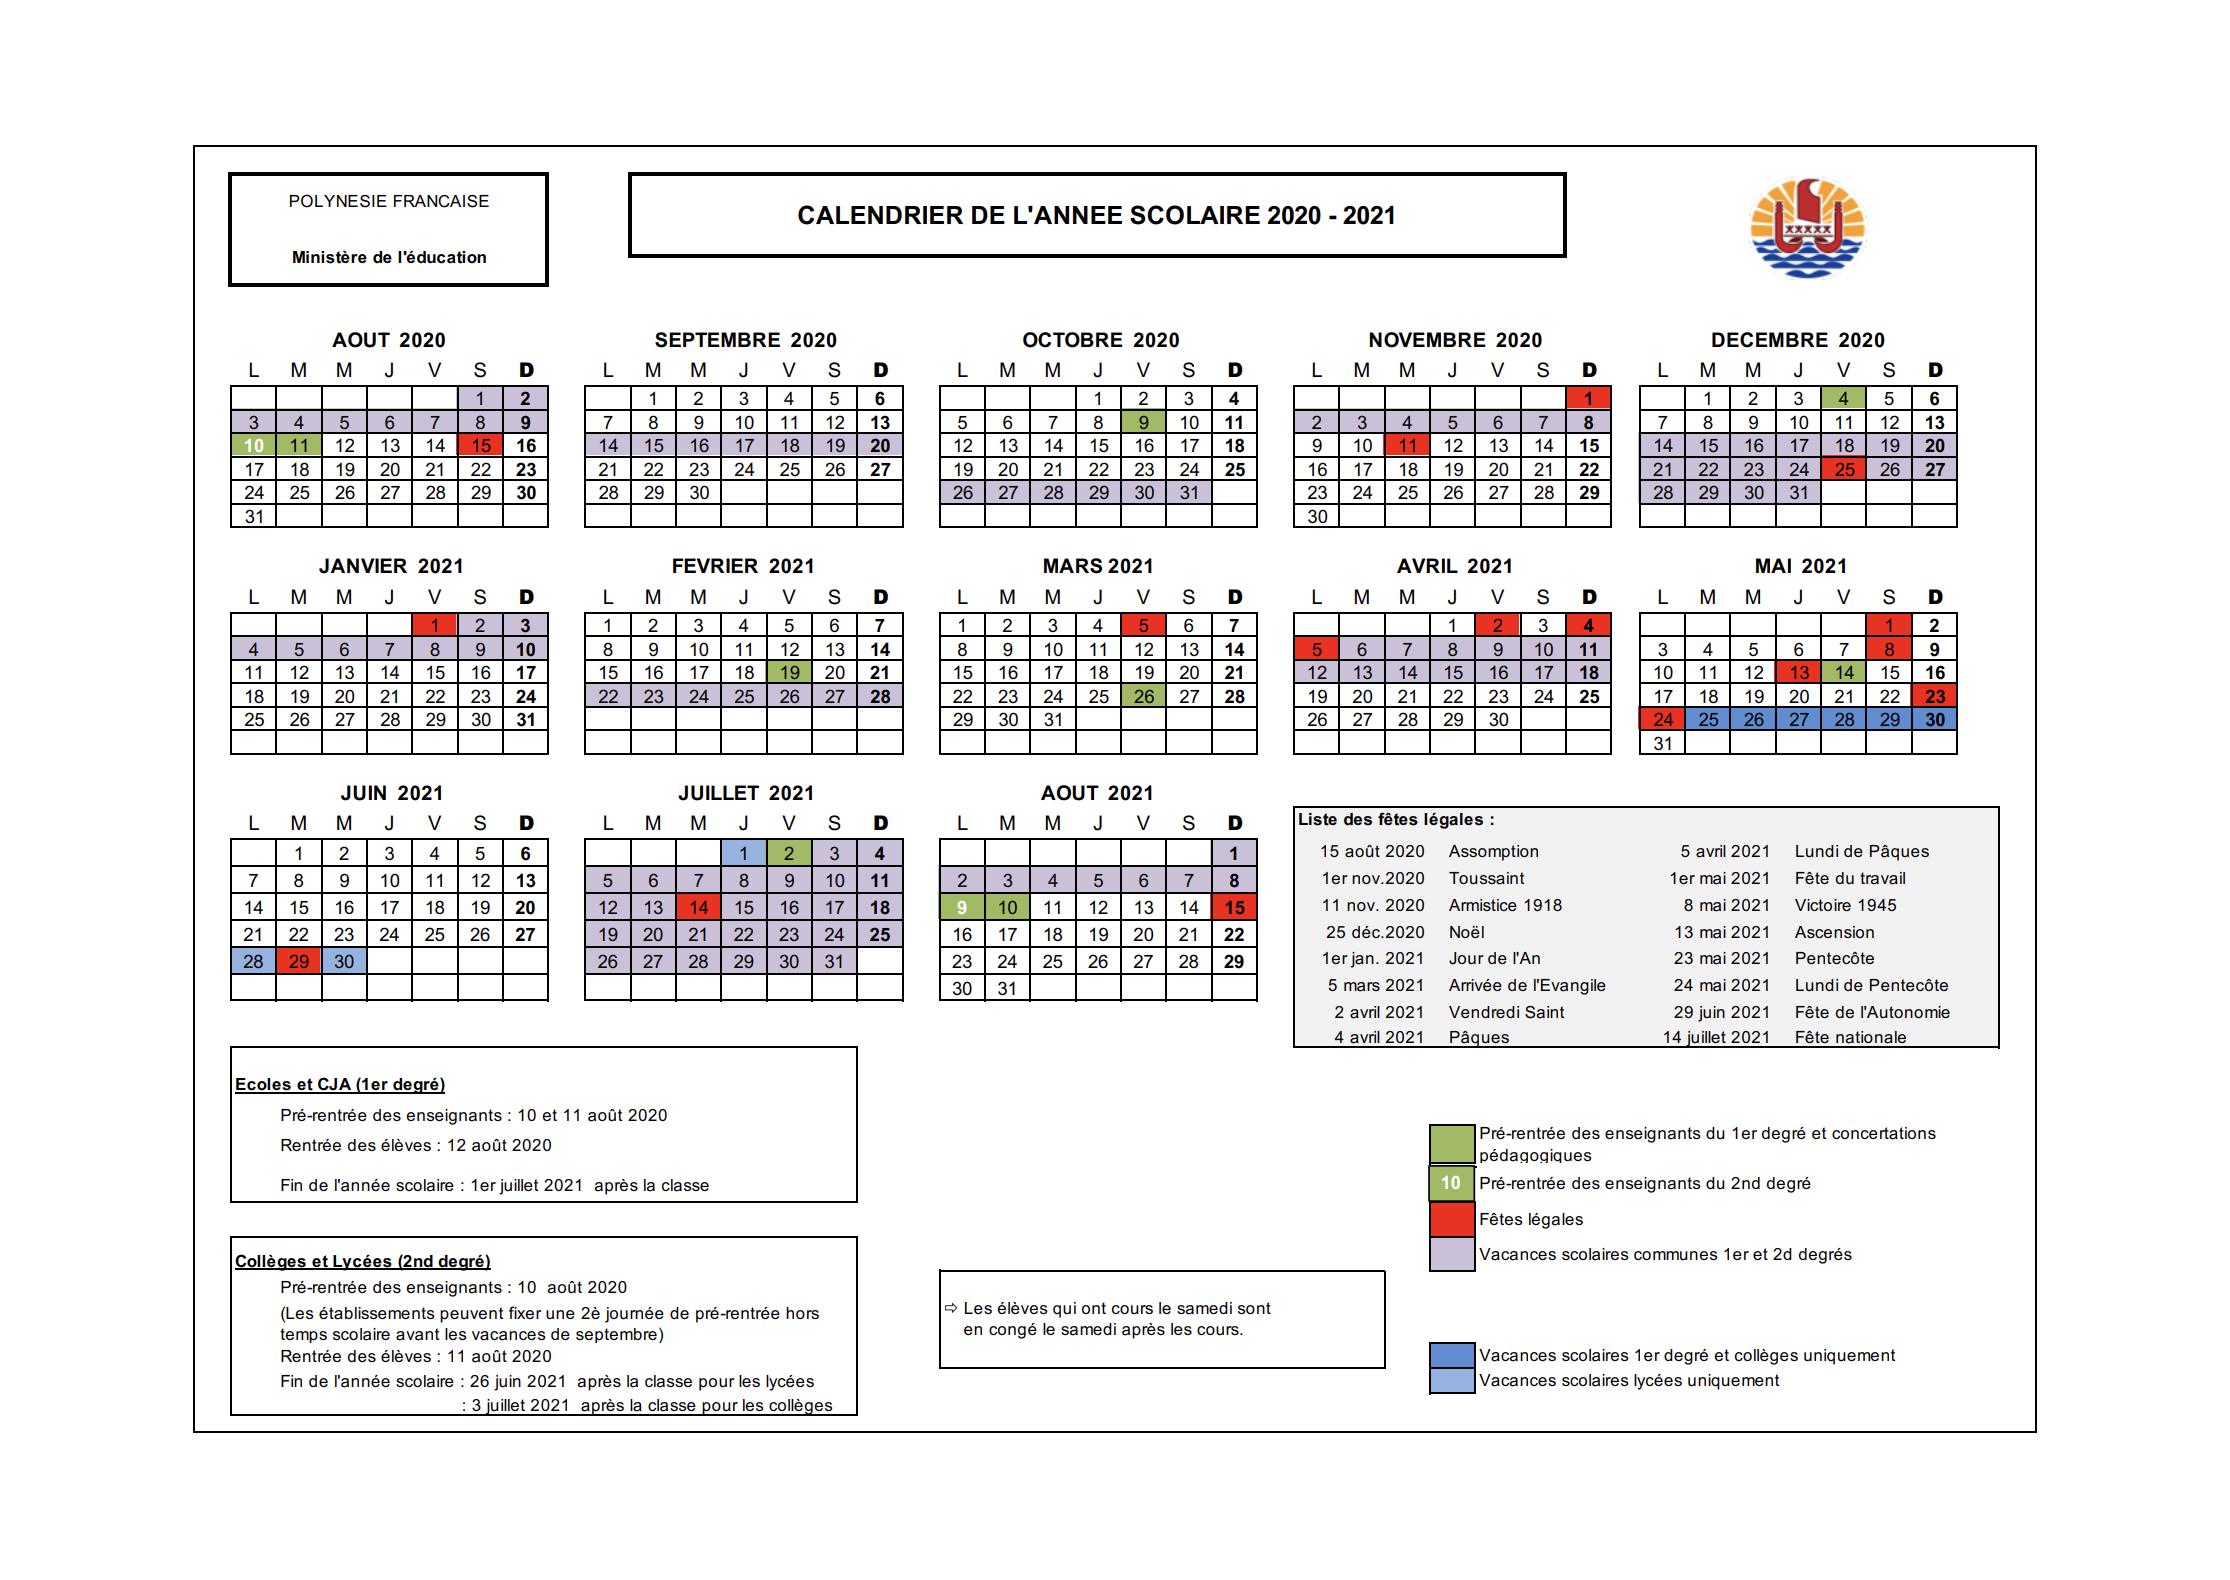 Calendrier Scolaire 2020-2023 - Vice-Rectorat De Polynésie à Calendrier 2019 Avec Jours Fériés Vacances Scolaires